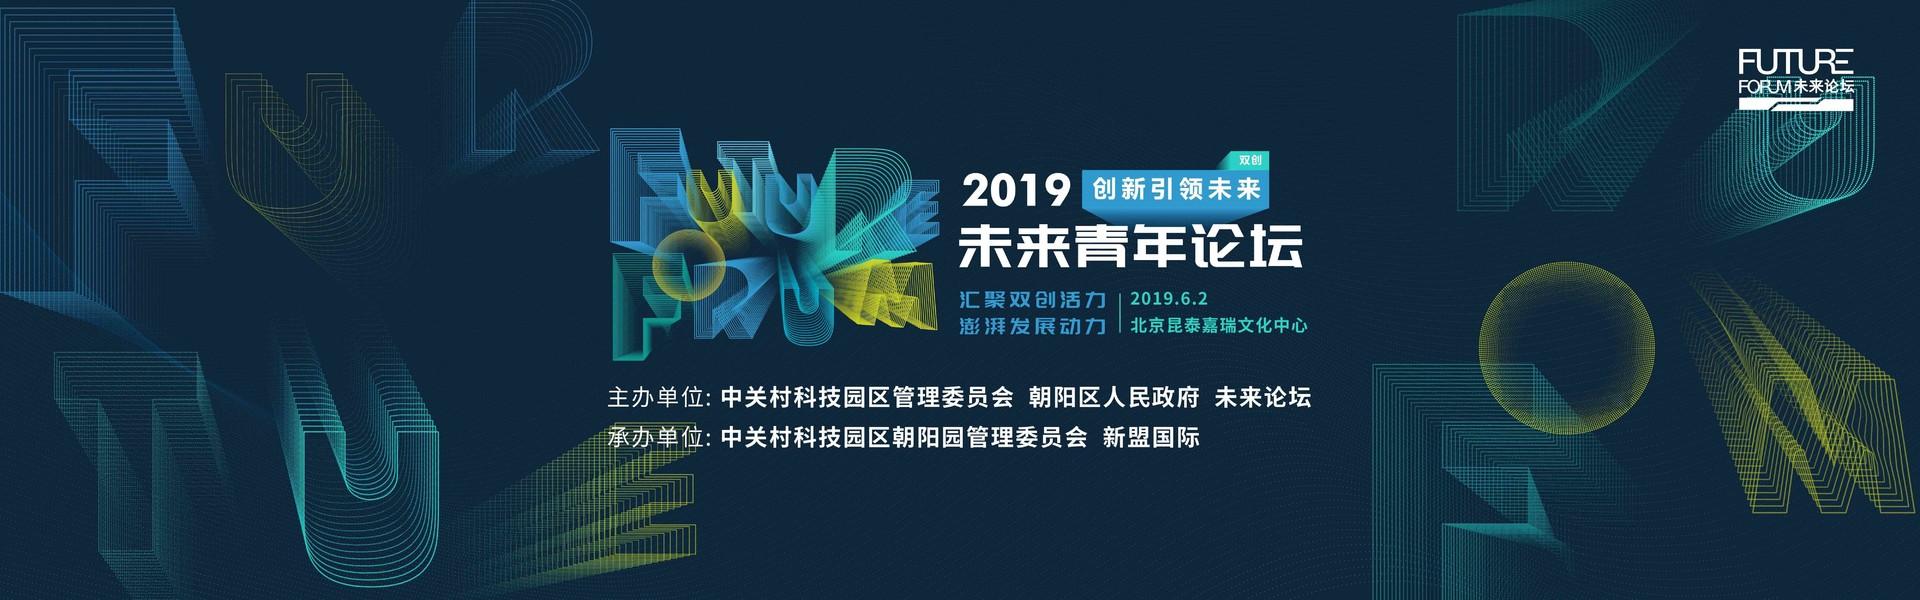 2019未来青年论坛-创新引领未来